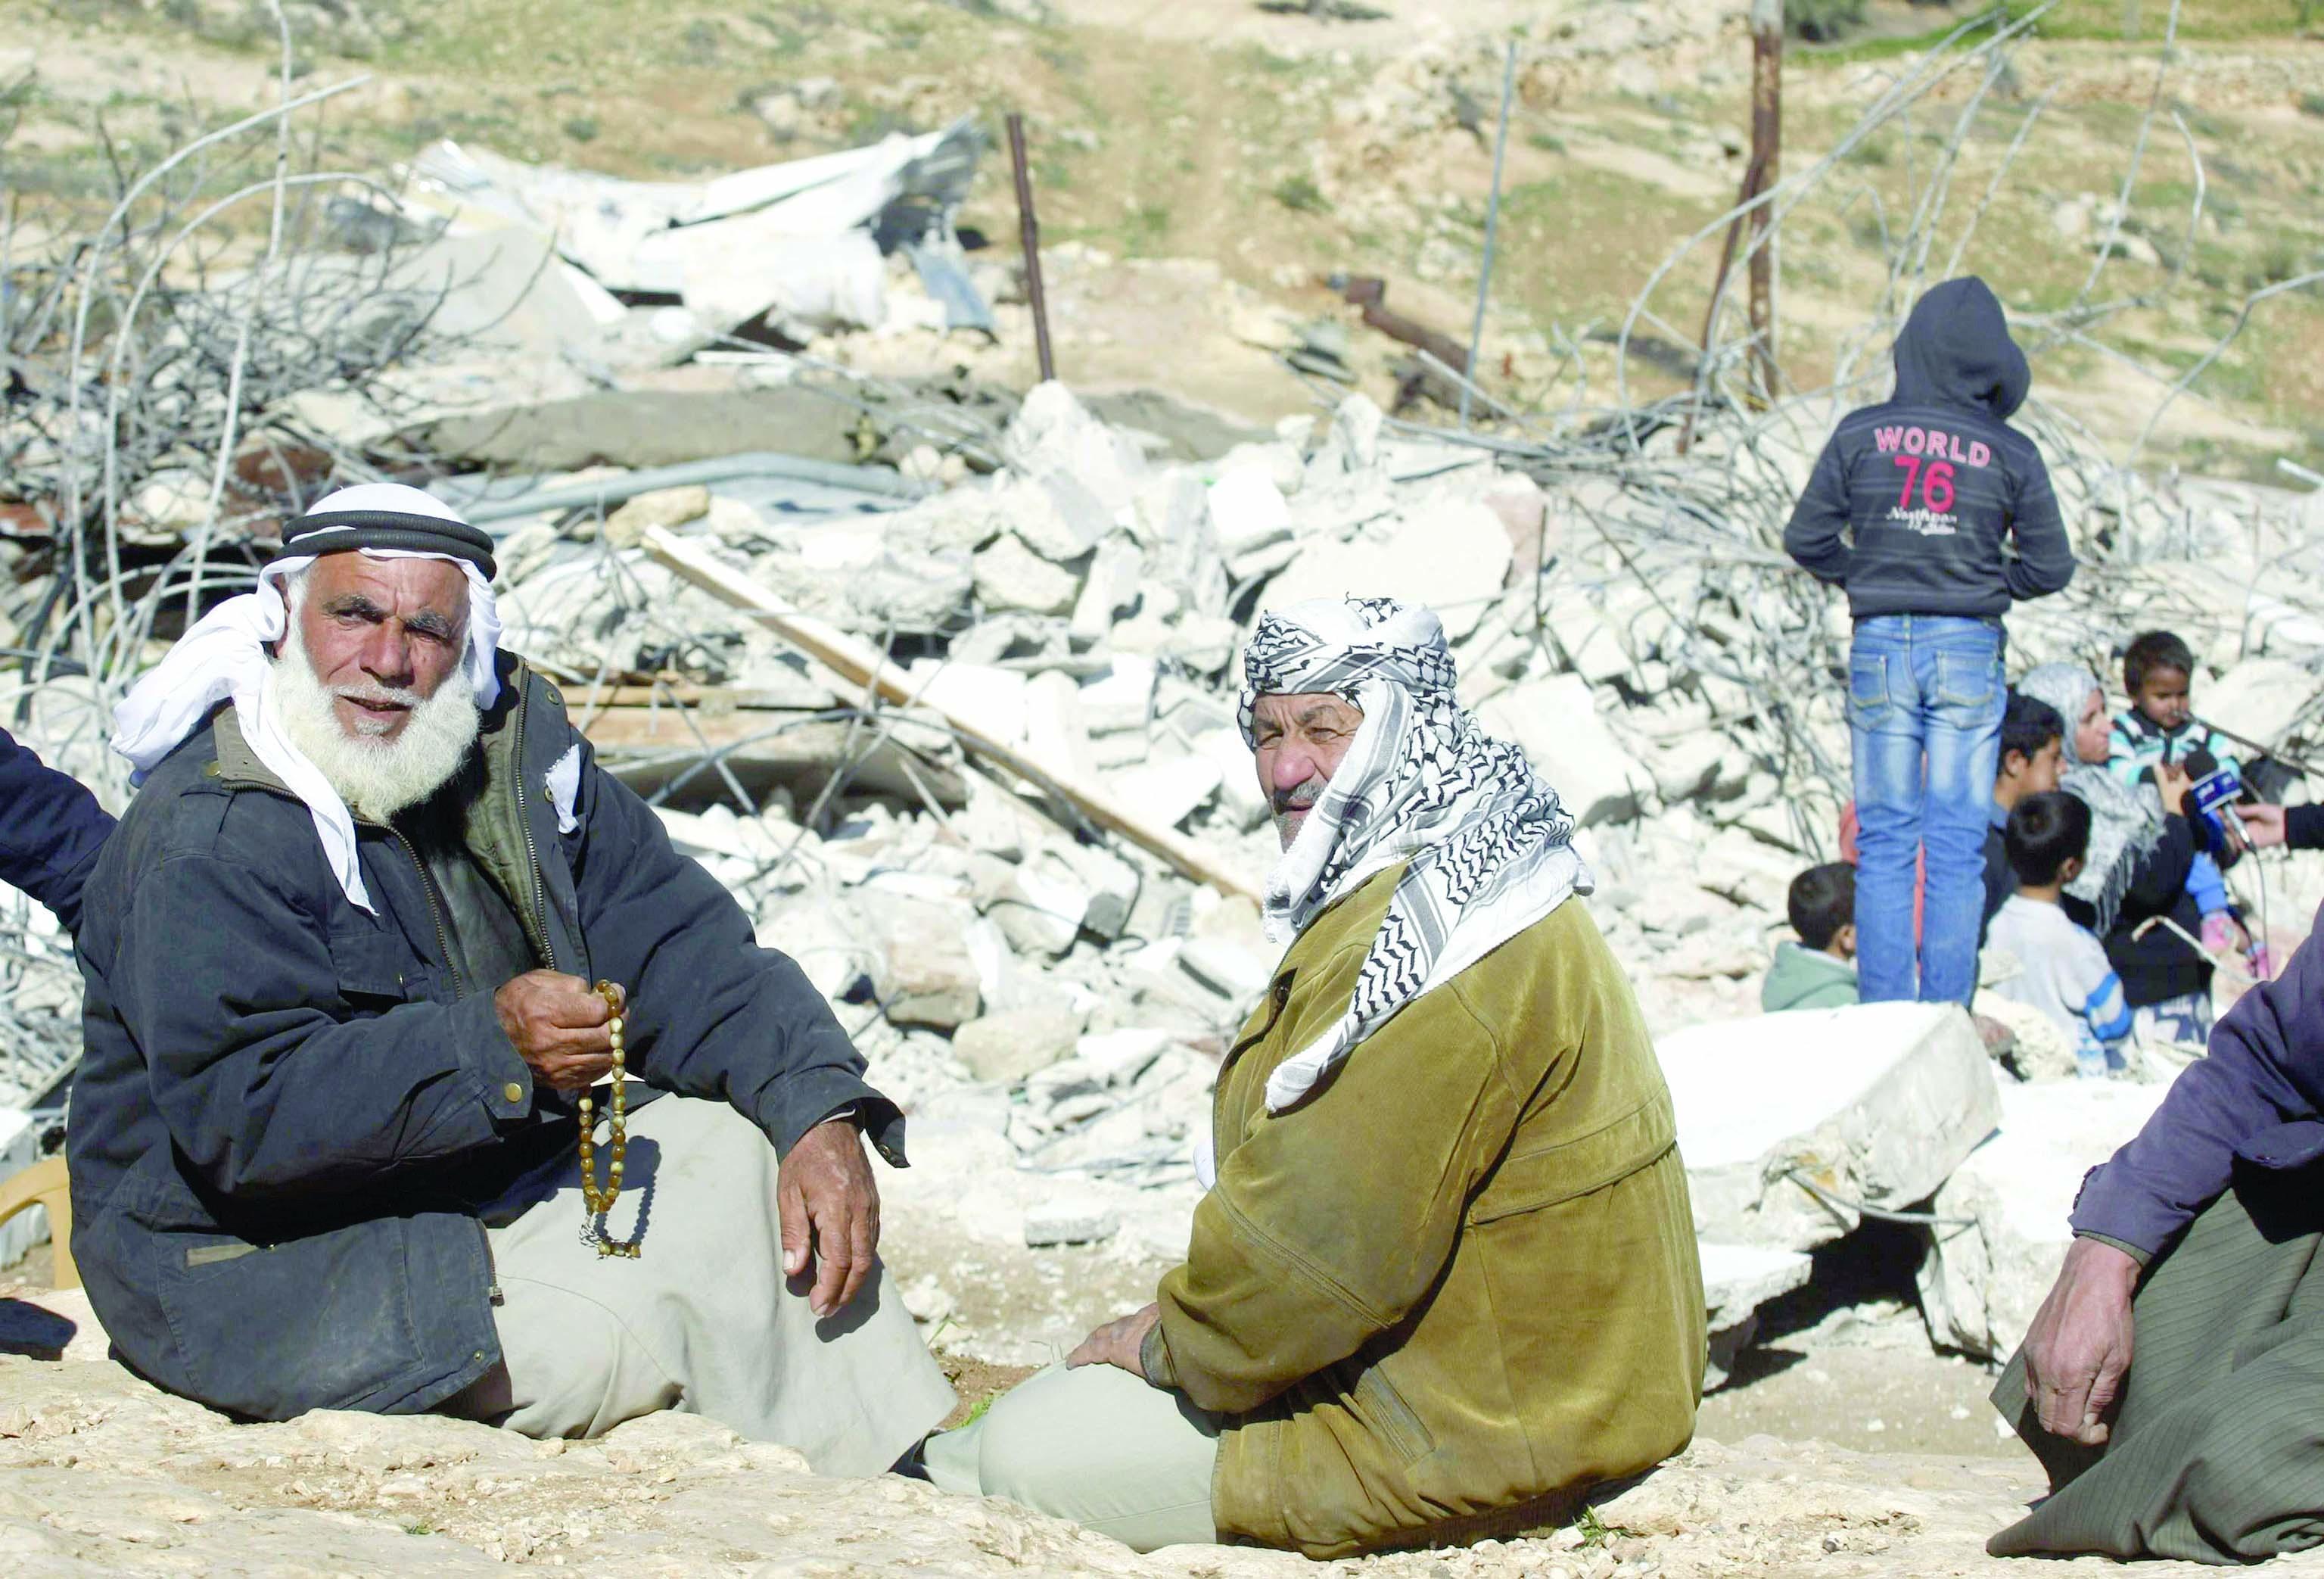 الاتحاد الأوروبي ينتقد مجددا عمليات الهدم لمنازل الفلسطينيين